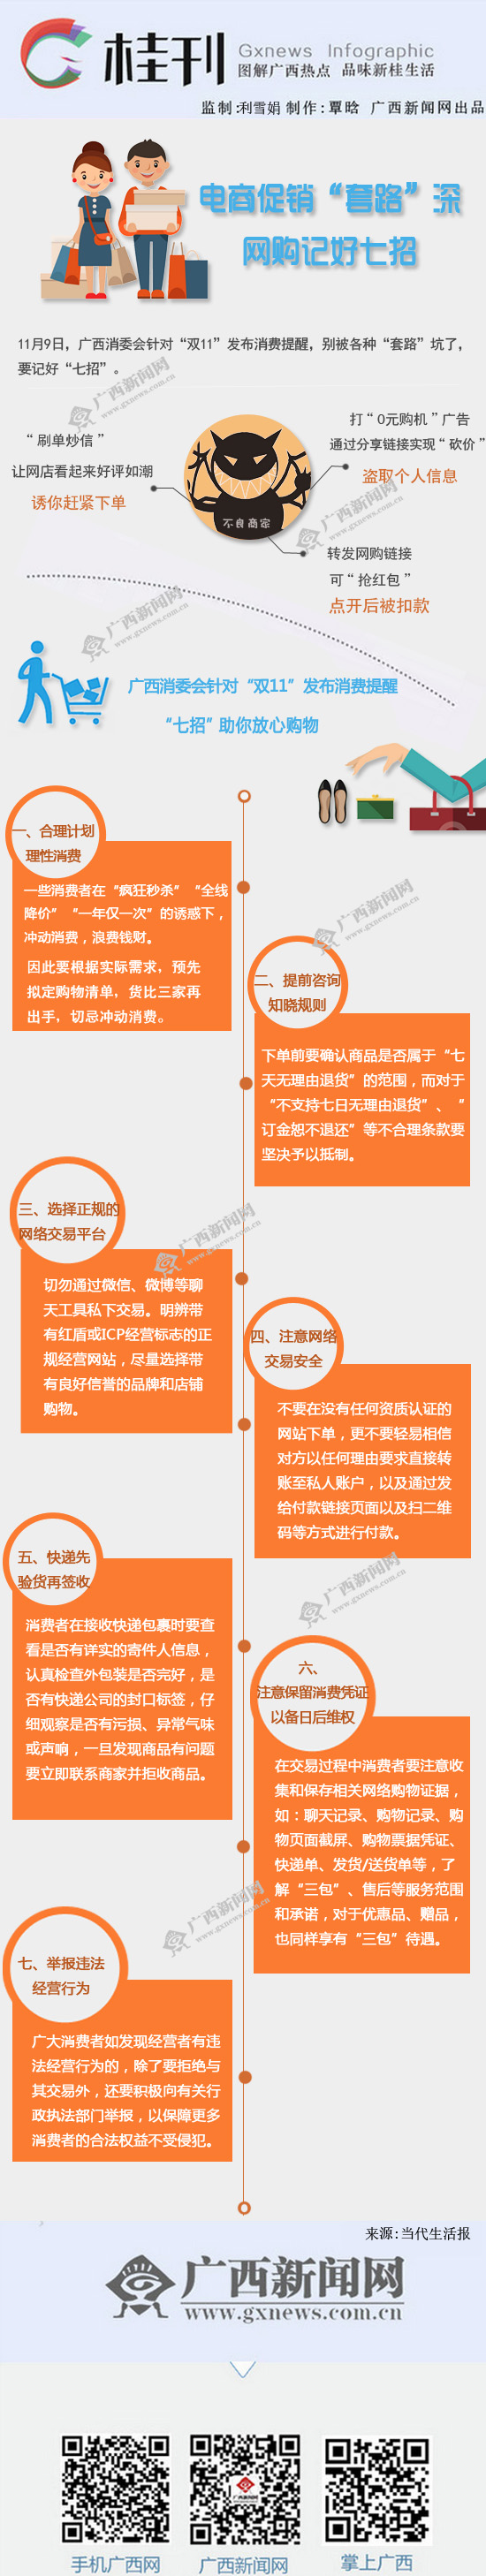 """[桂刊]电商促销""""套路""""深 网购记好七招"""